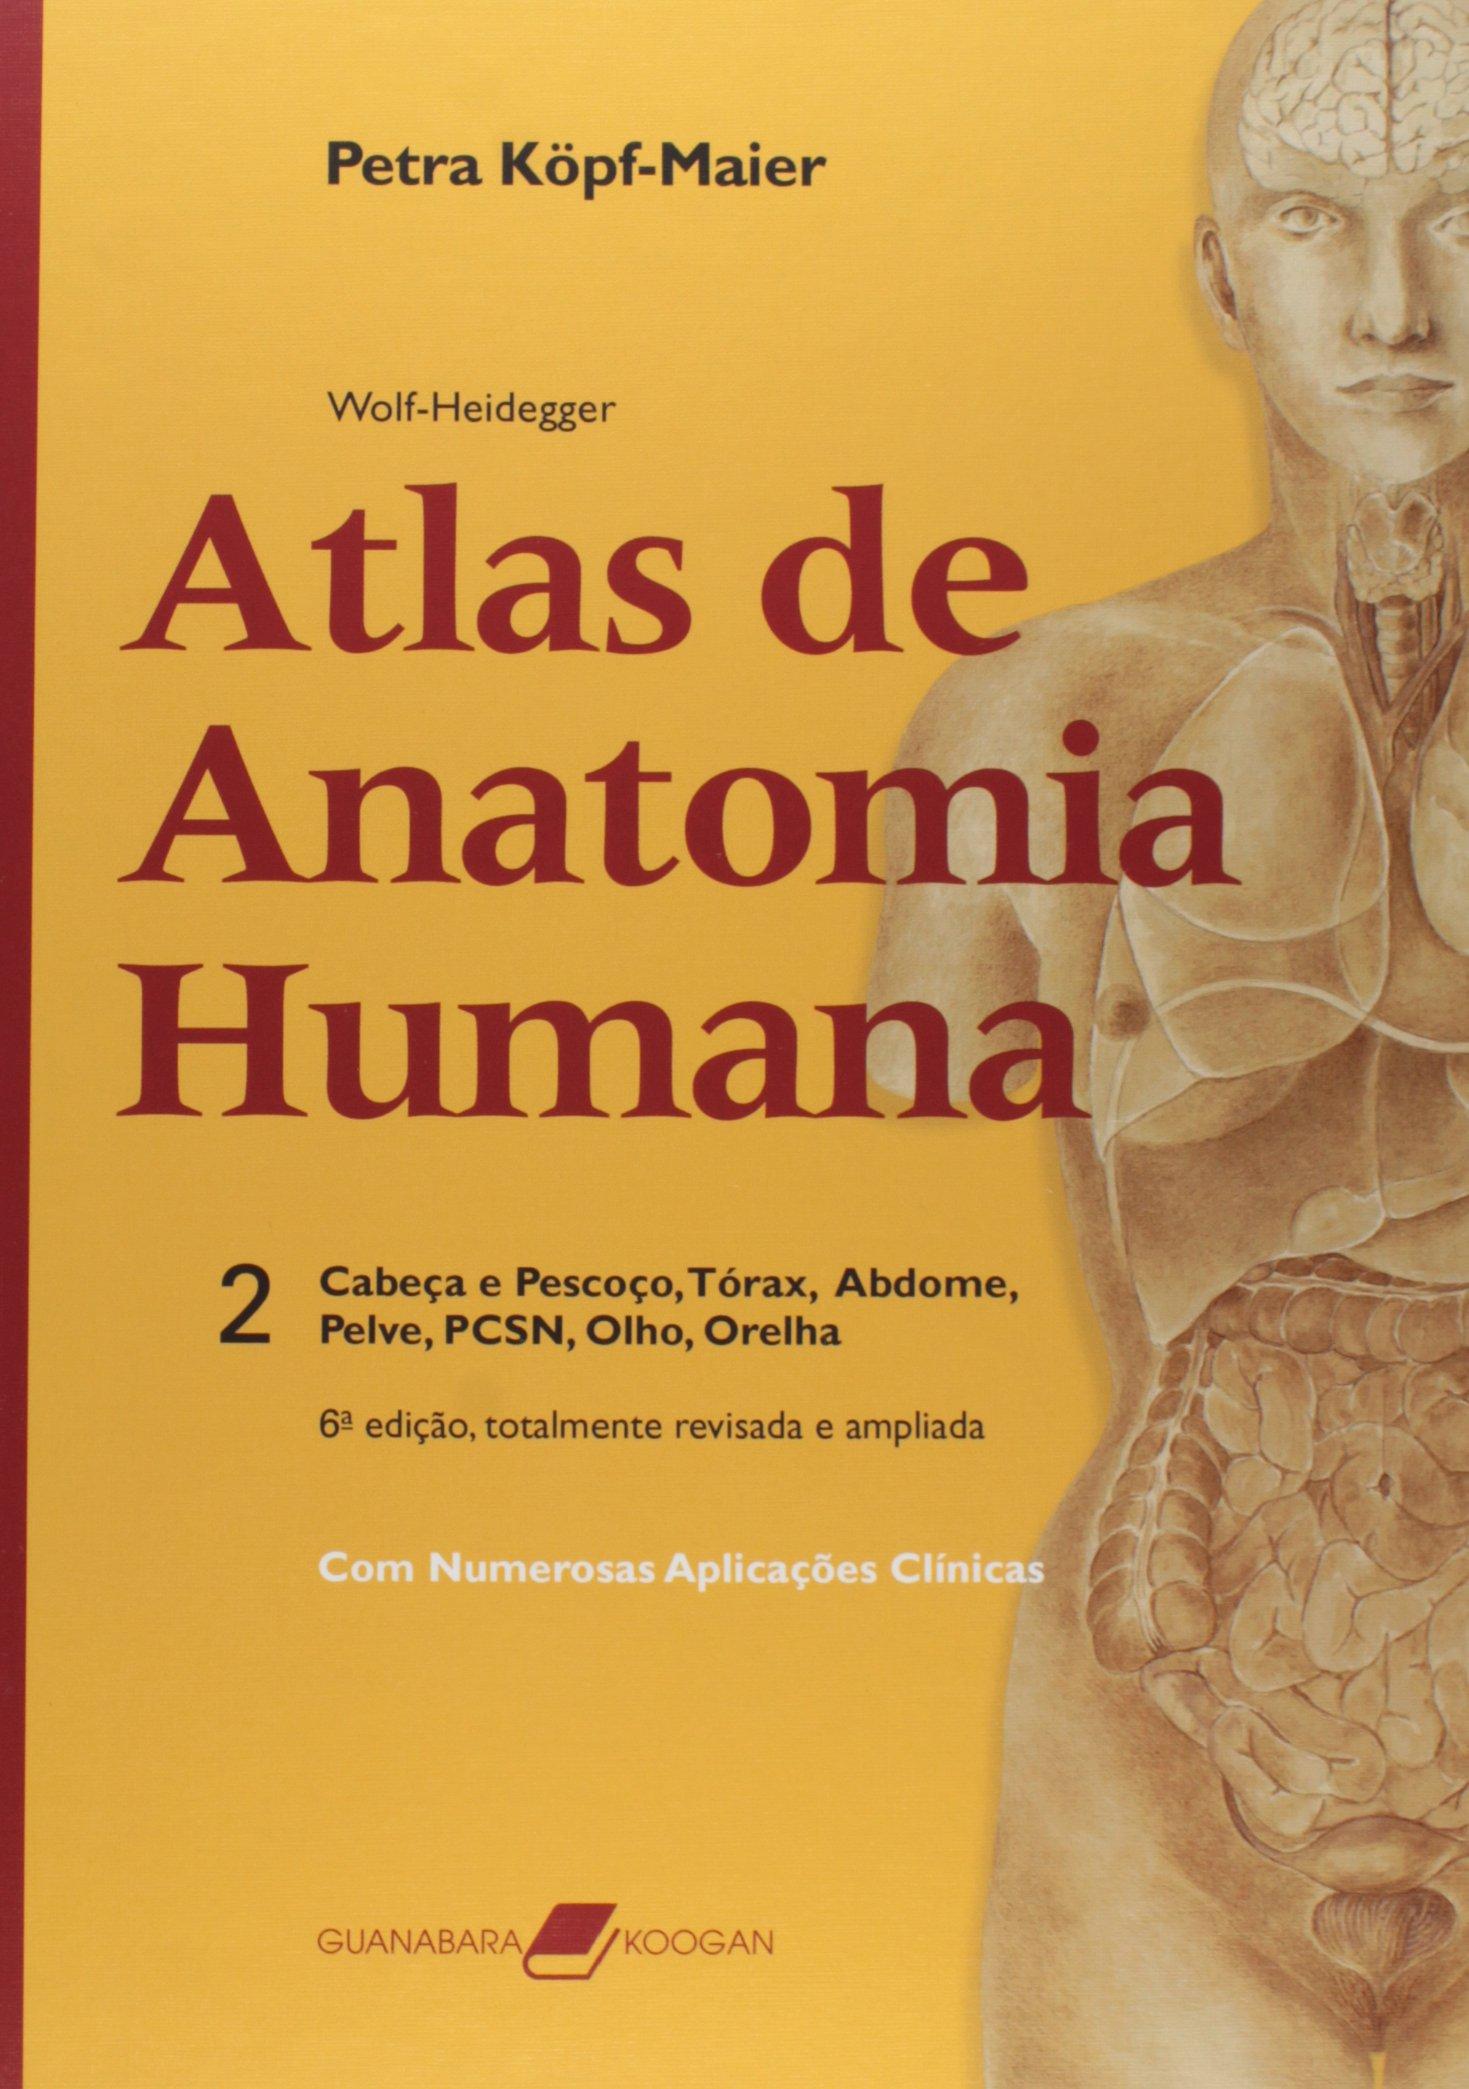 f7bb9c859 Atlas de Anatomia Humana: com Numerosas Aplicações Clínicas - 9788527711395  - Livros na Amazon Brasil